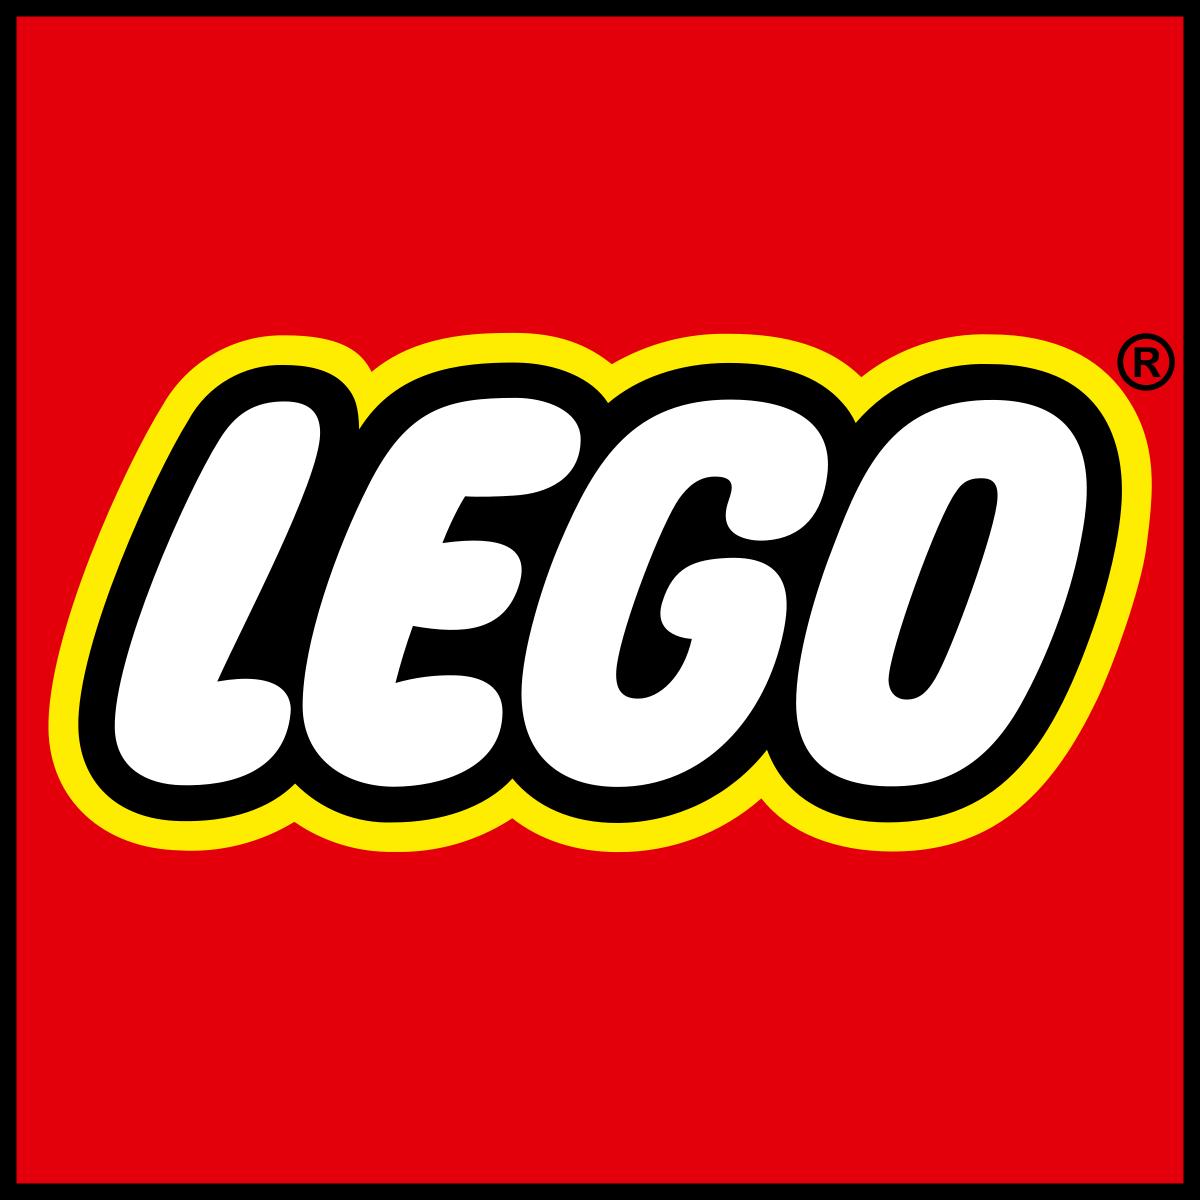 Seleccion artículos LEGO con descuento al tramitar